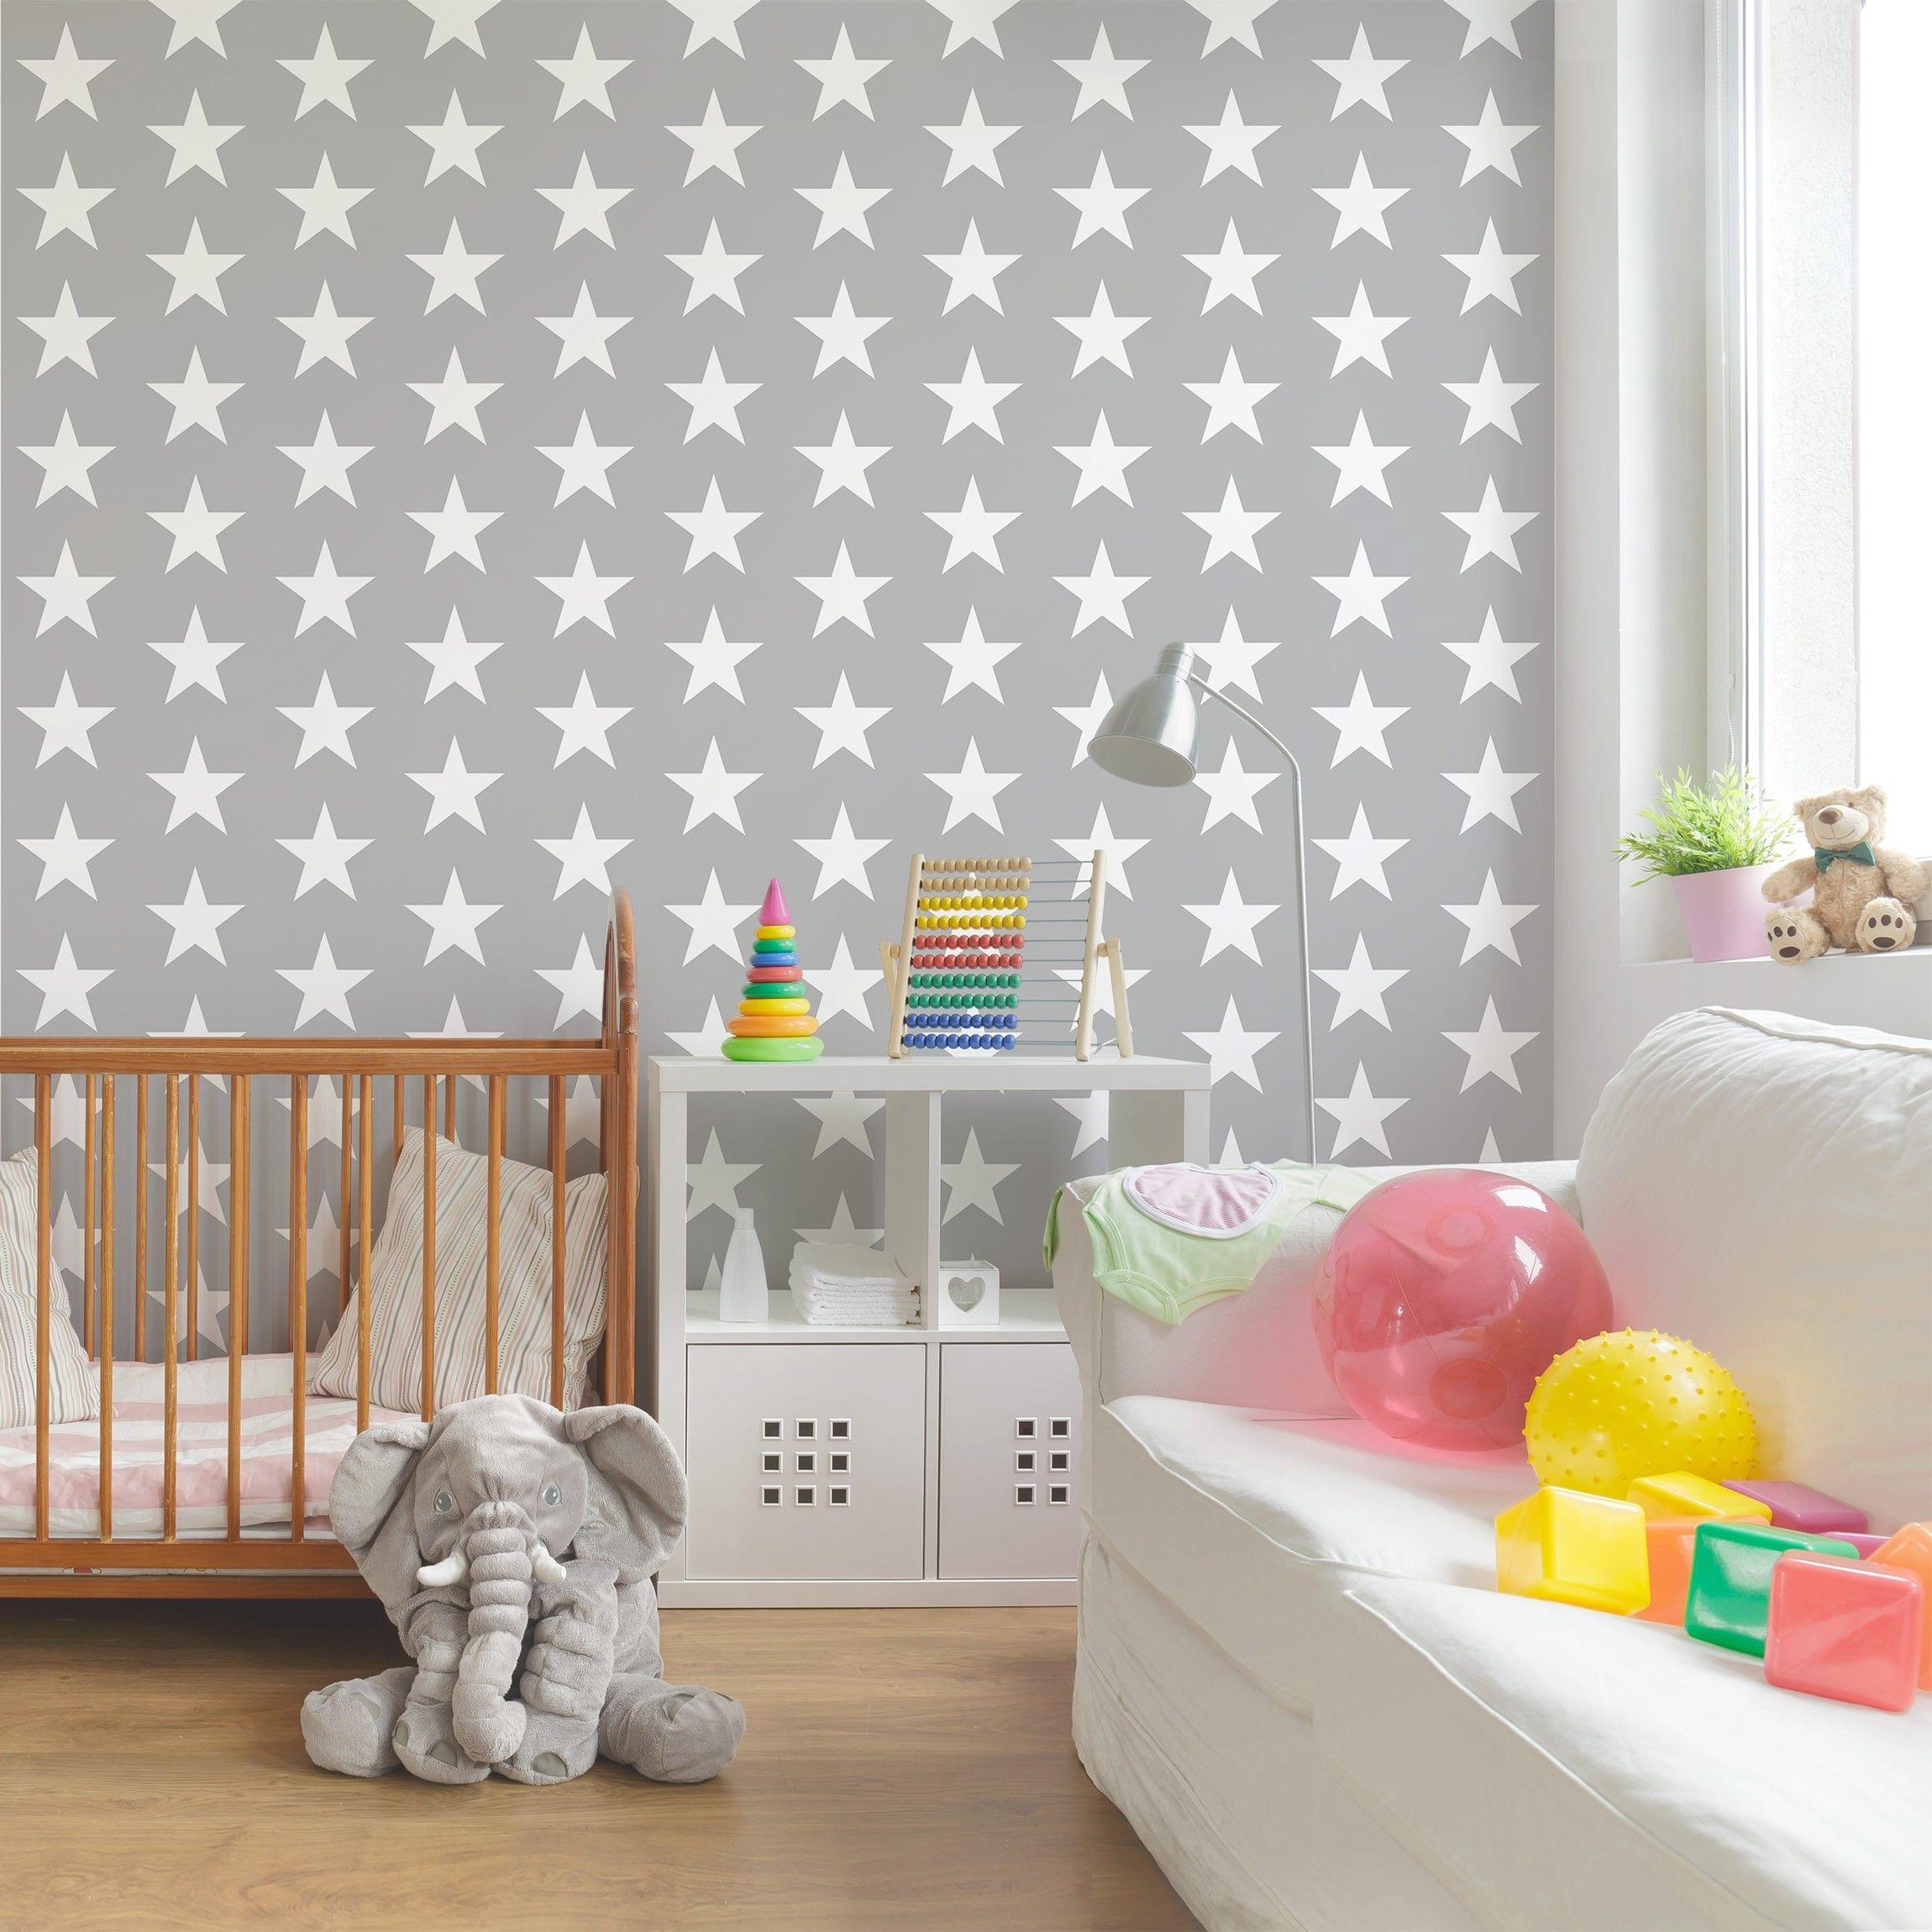 Kinderzimmer Tapeten - Vliestapeten Premium - Weiße Sterne auf grauen Hintergrun  eBay